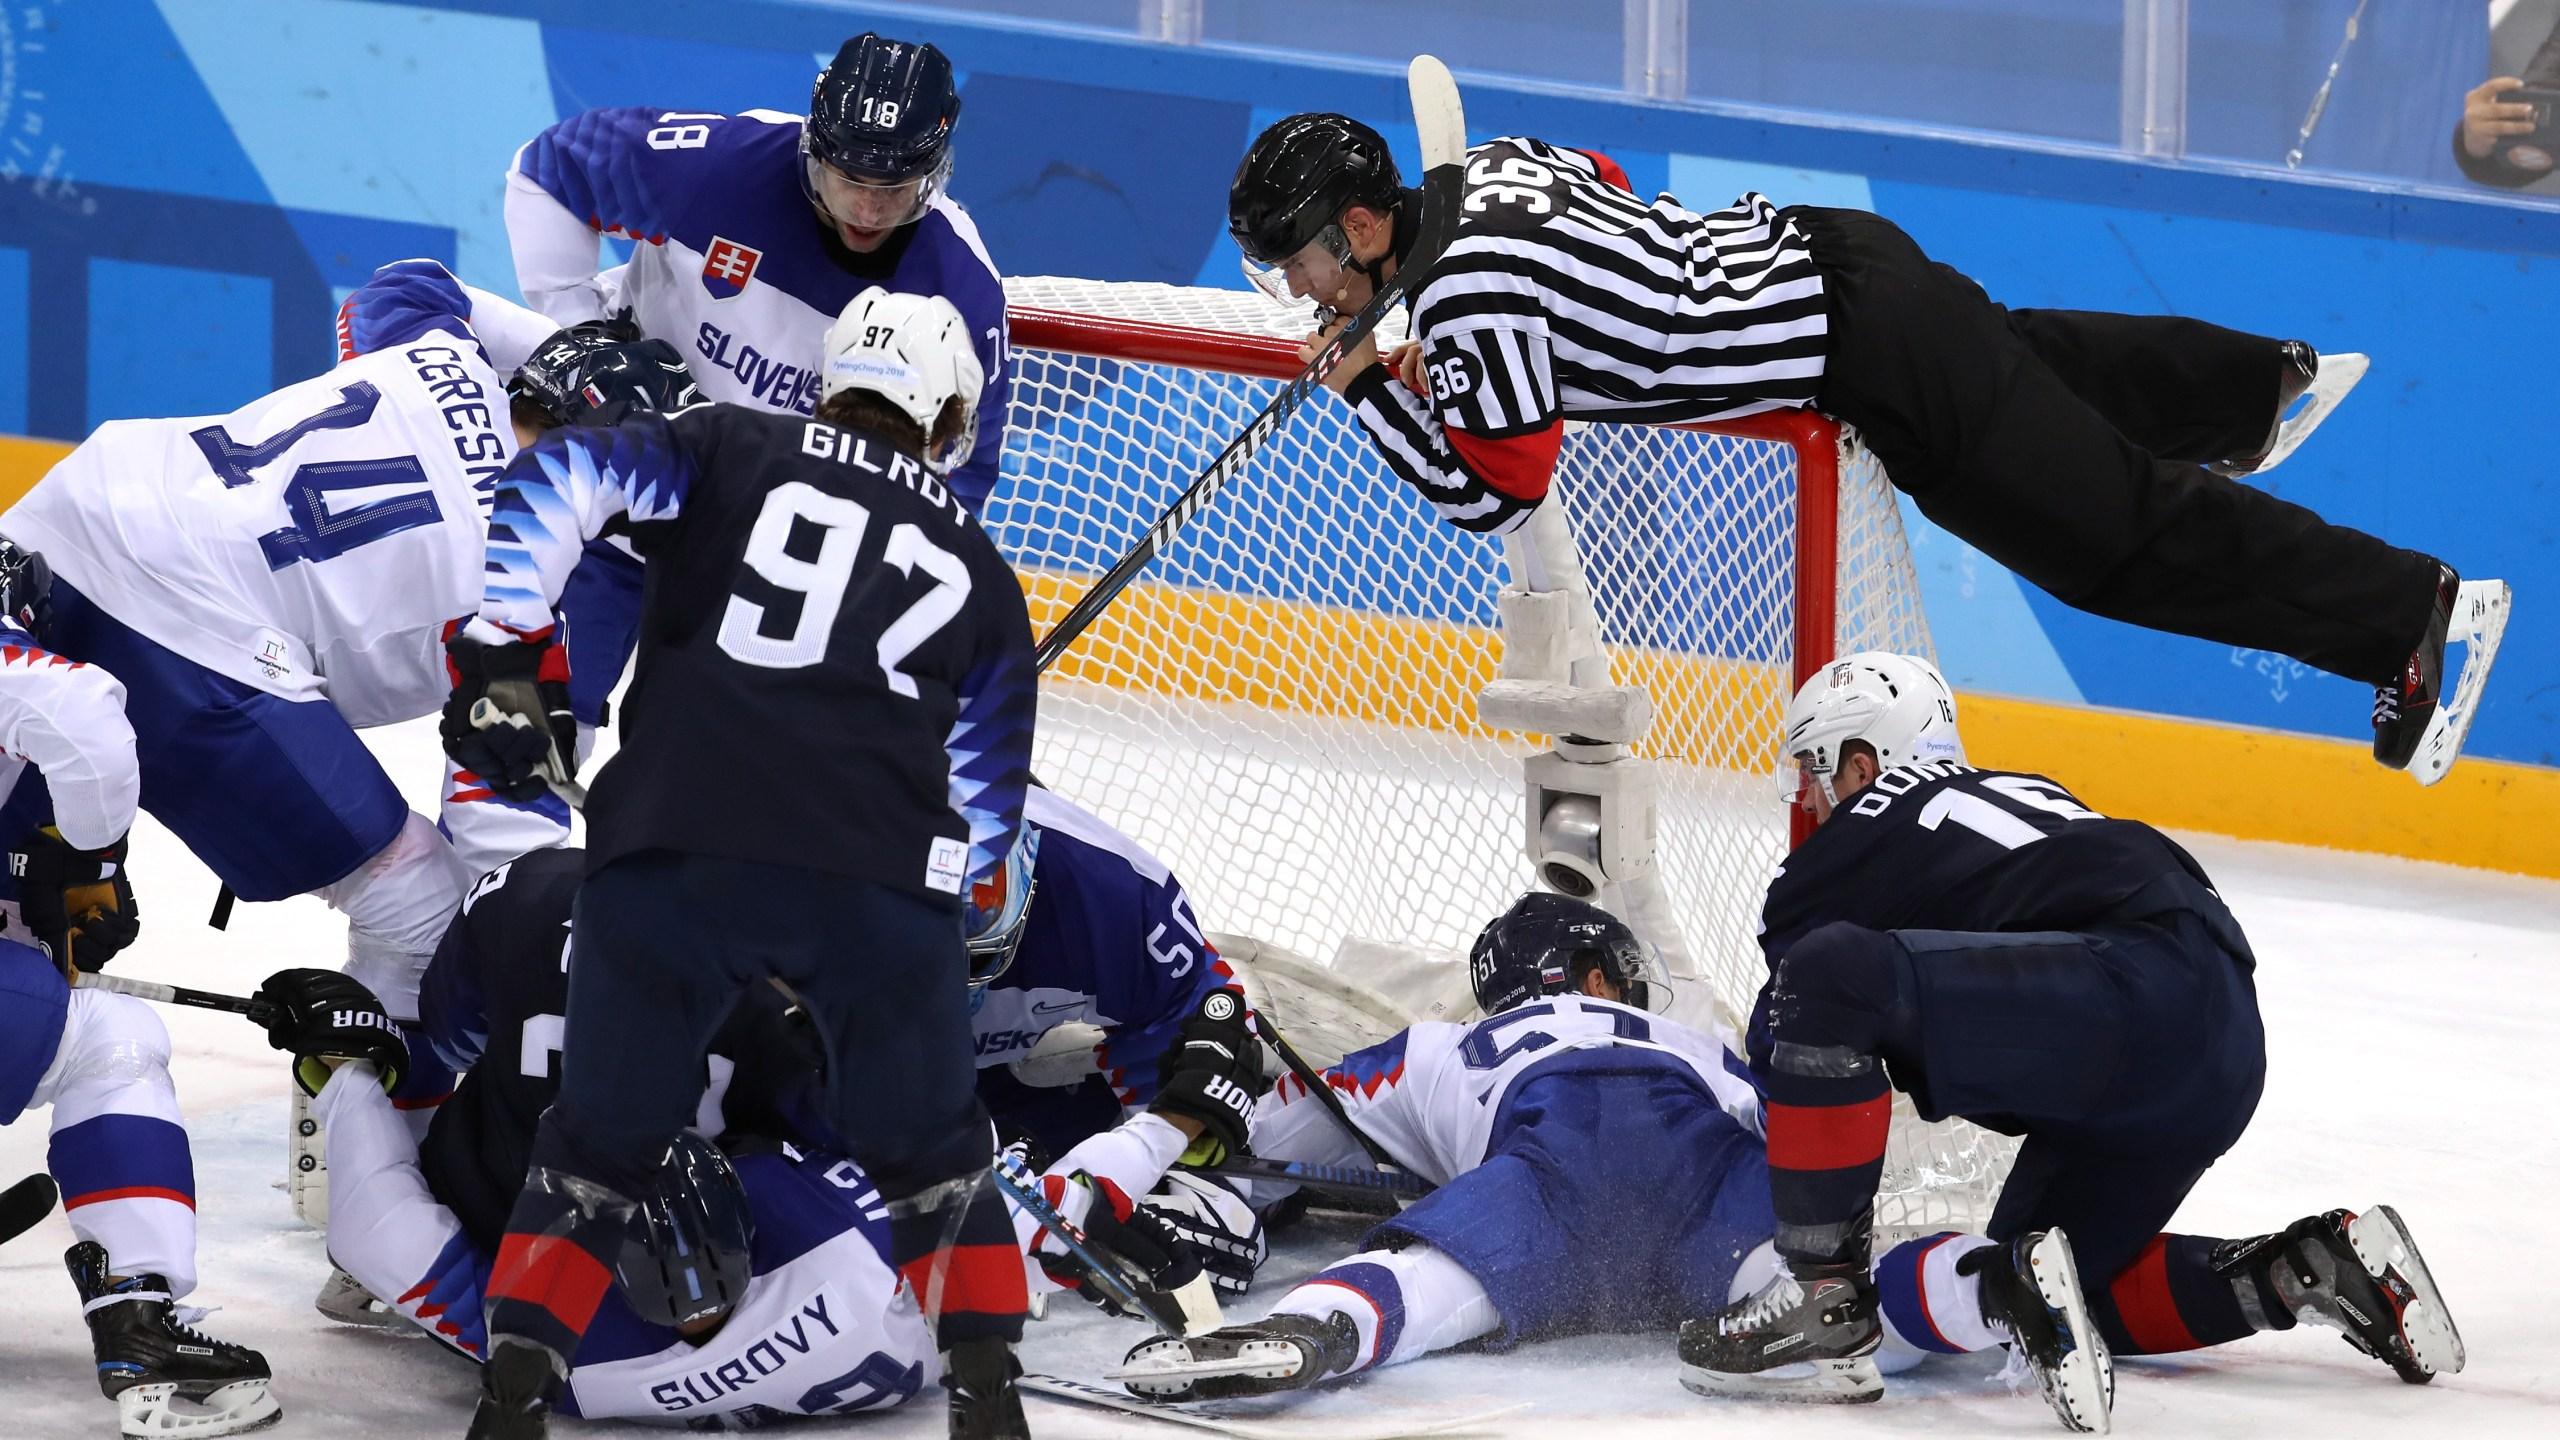 Ice Hockey - Winter Olympics Day 7_393347